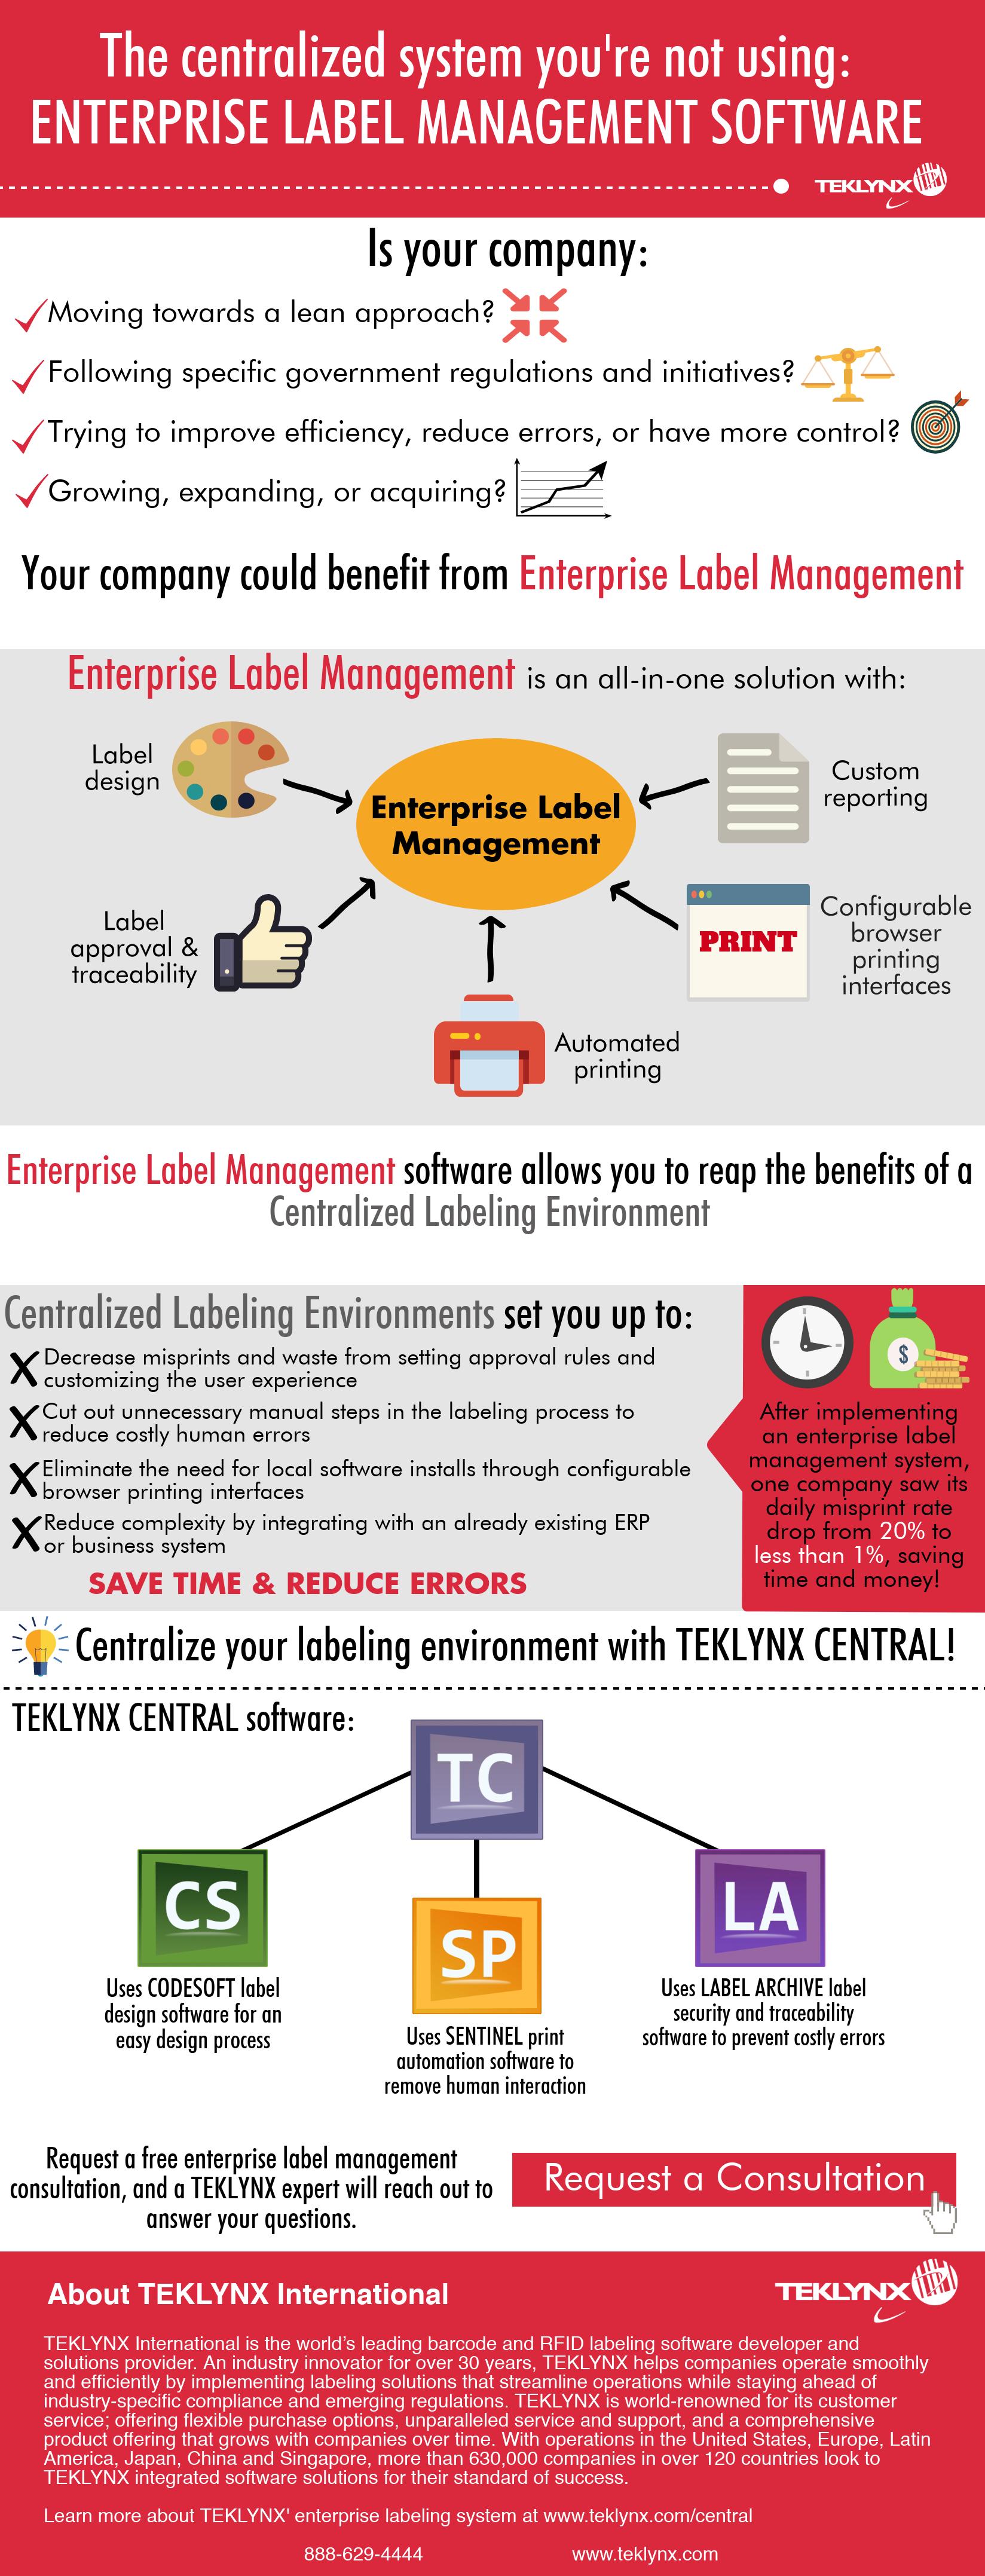 Het gecentraliseerde systeem dat u niet gebruikt: Etikettenbeheerssoftware voor bedrijven